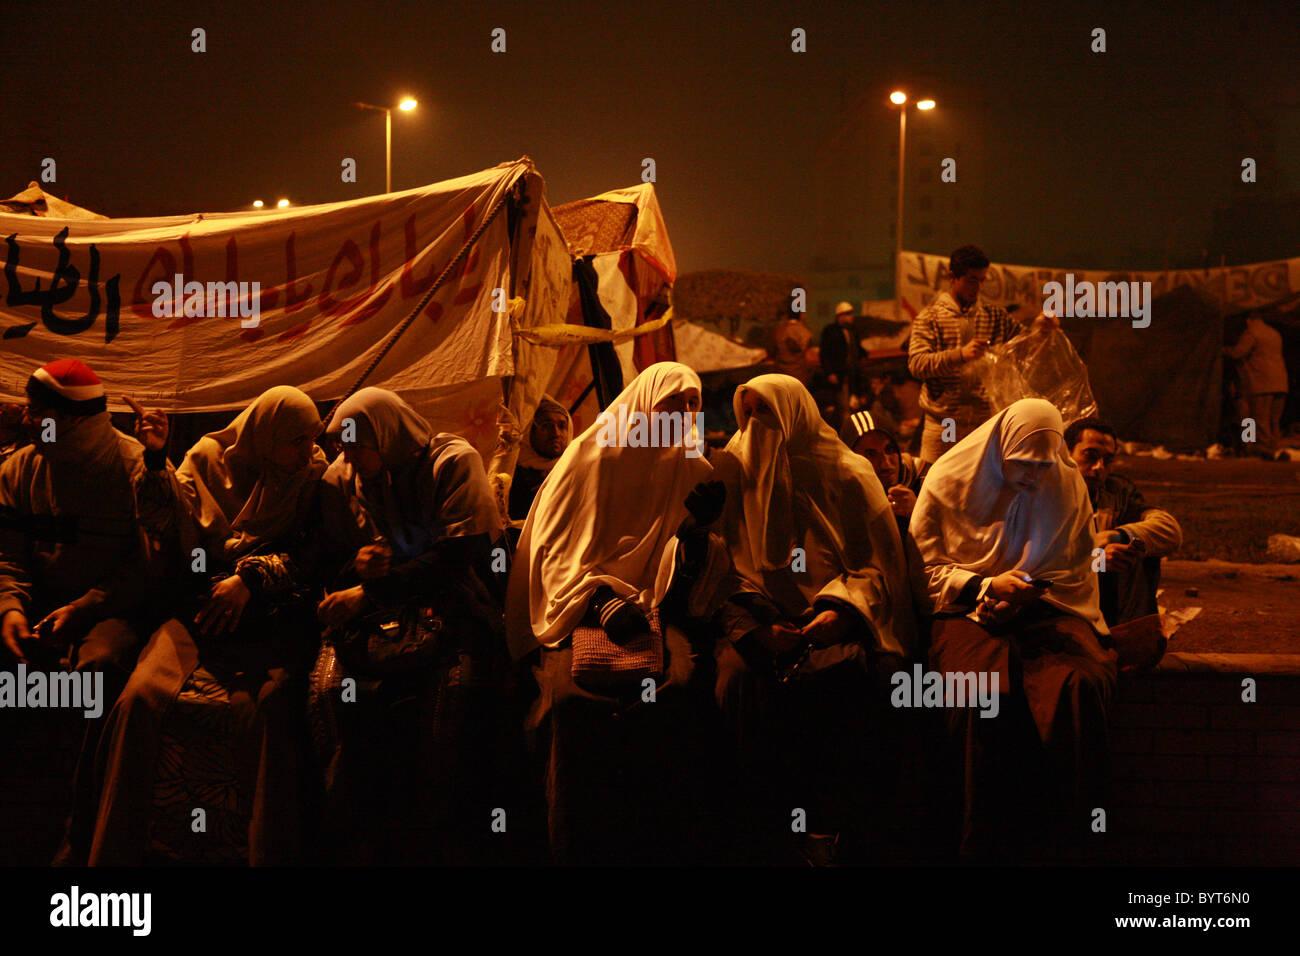 Las mujeres hablan mientras manan las barricadas de la plaza Tahrir de el Cairo Durante la Revolución Egipcia de 2011 Foto de stock